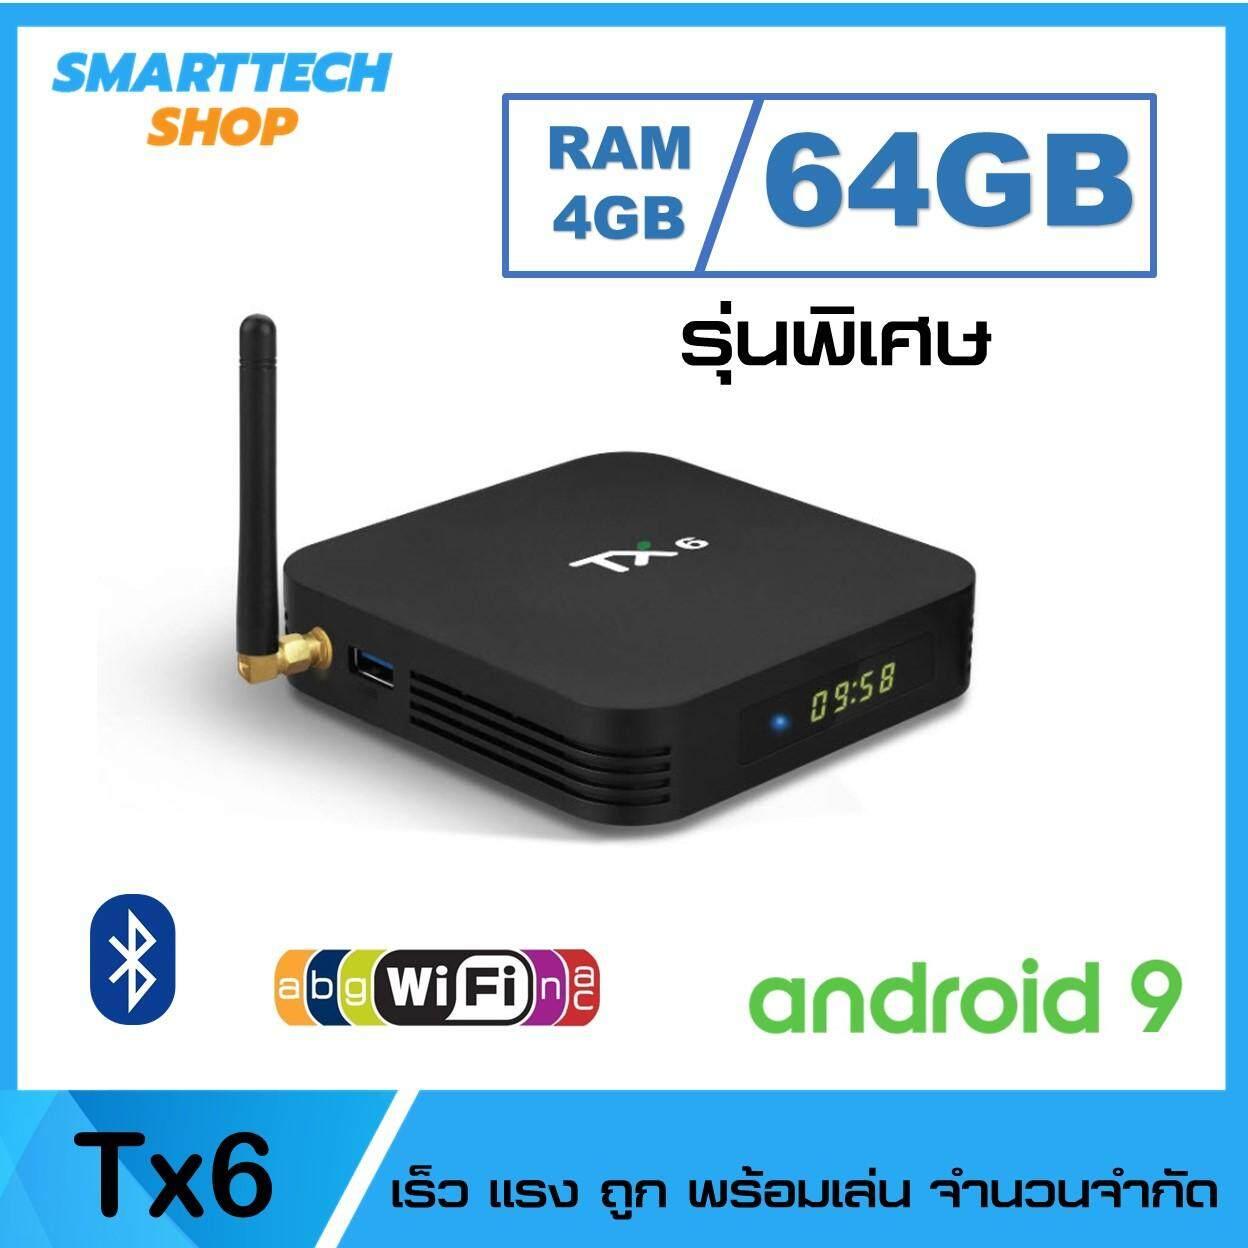 ทำบัตรเครดิตออนไลน์  สมุทรสาคร Android Smart tv box Tx6 รุ่นพิเศษ Rom 64GB  Bluetooth Wifi5G  เสป็คสูง ถูกสุด พร้อมเล่น